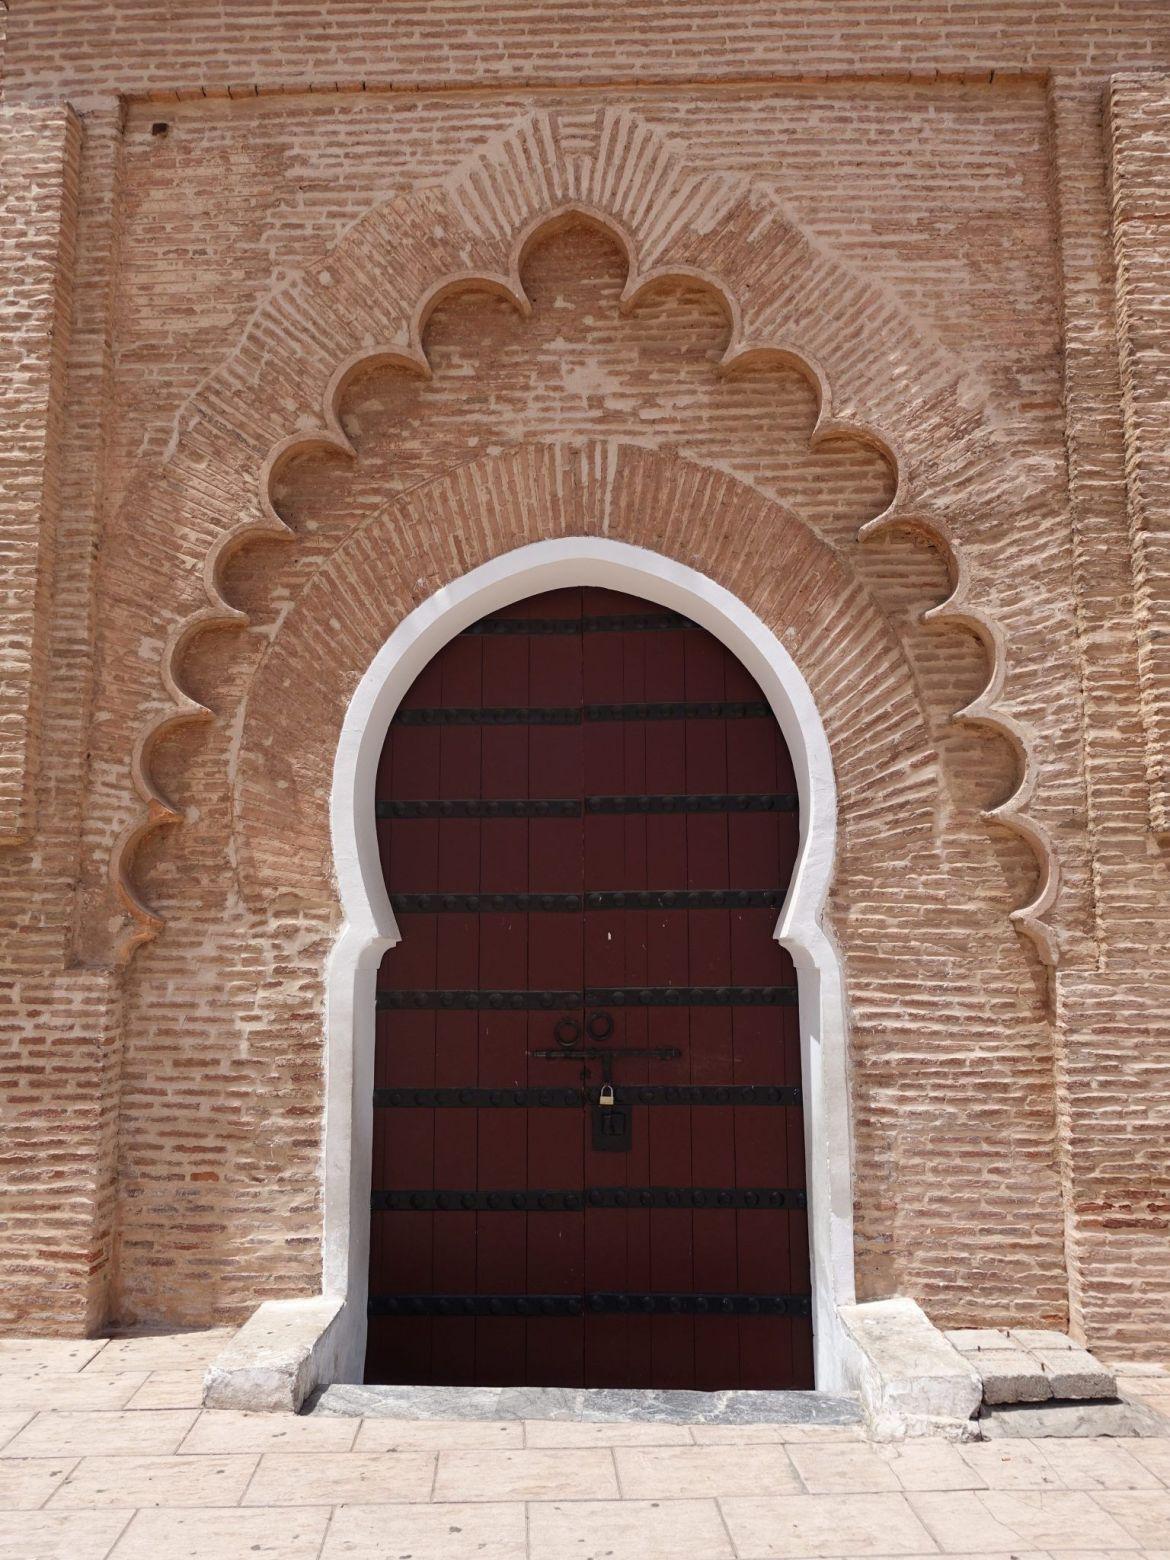 Mezquita Koutobia, Marrakech